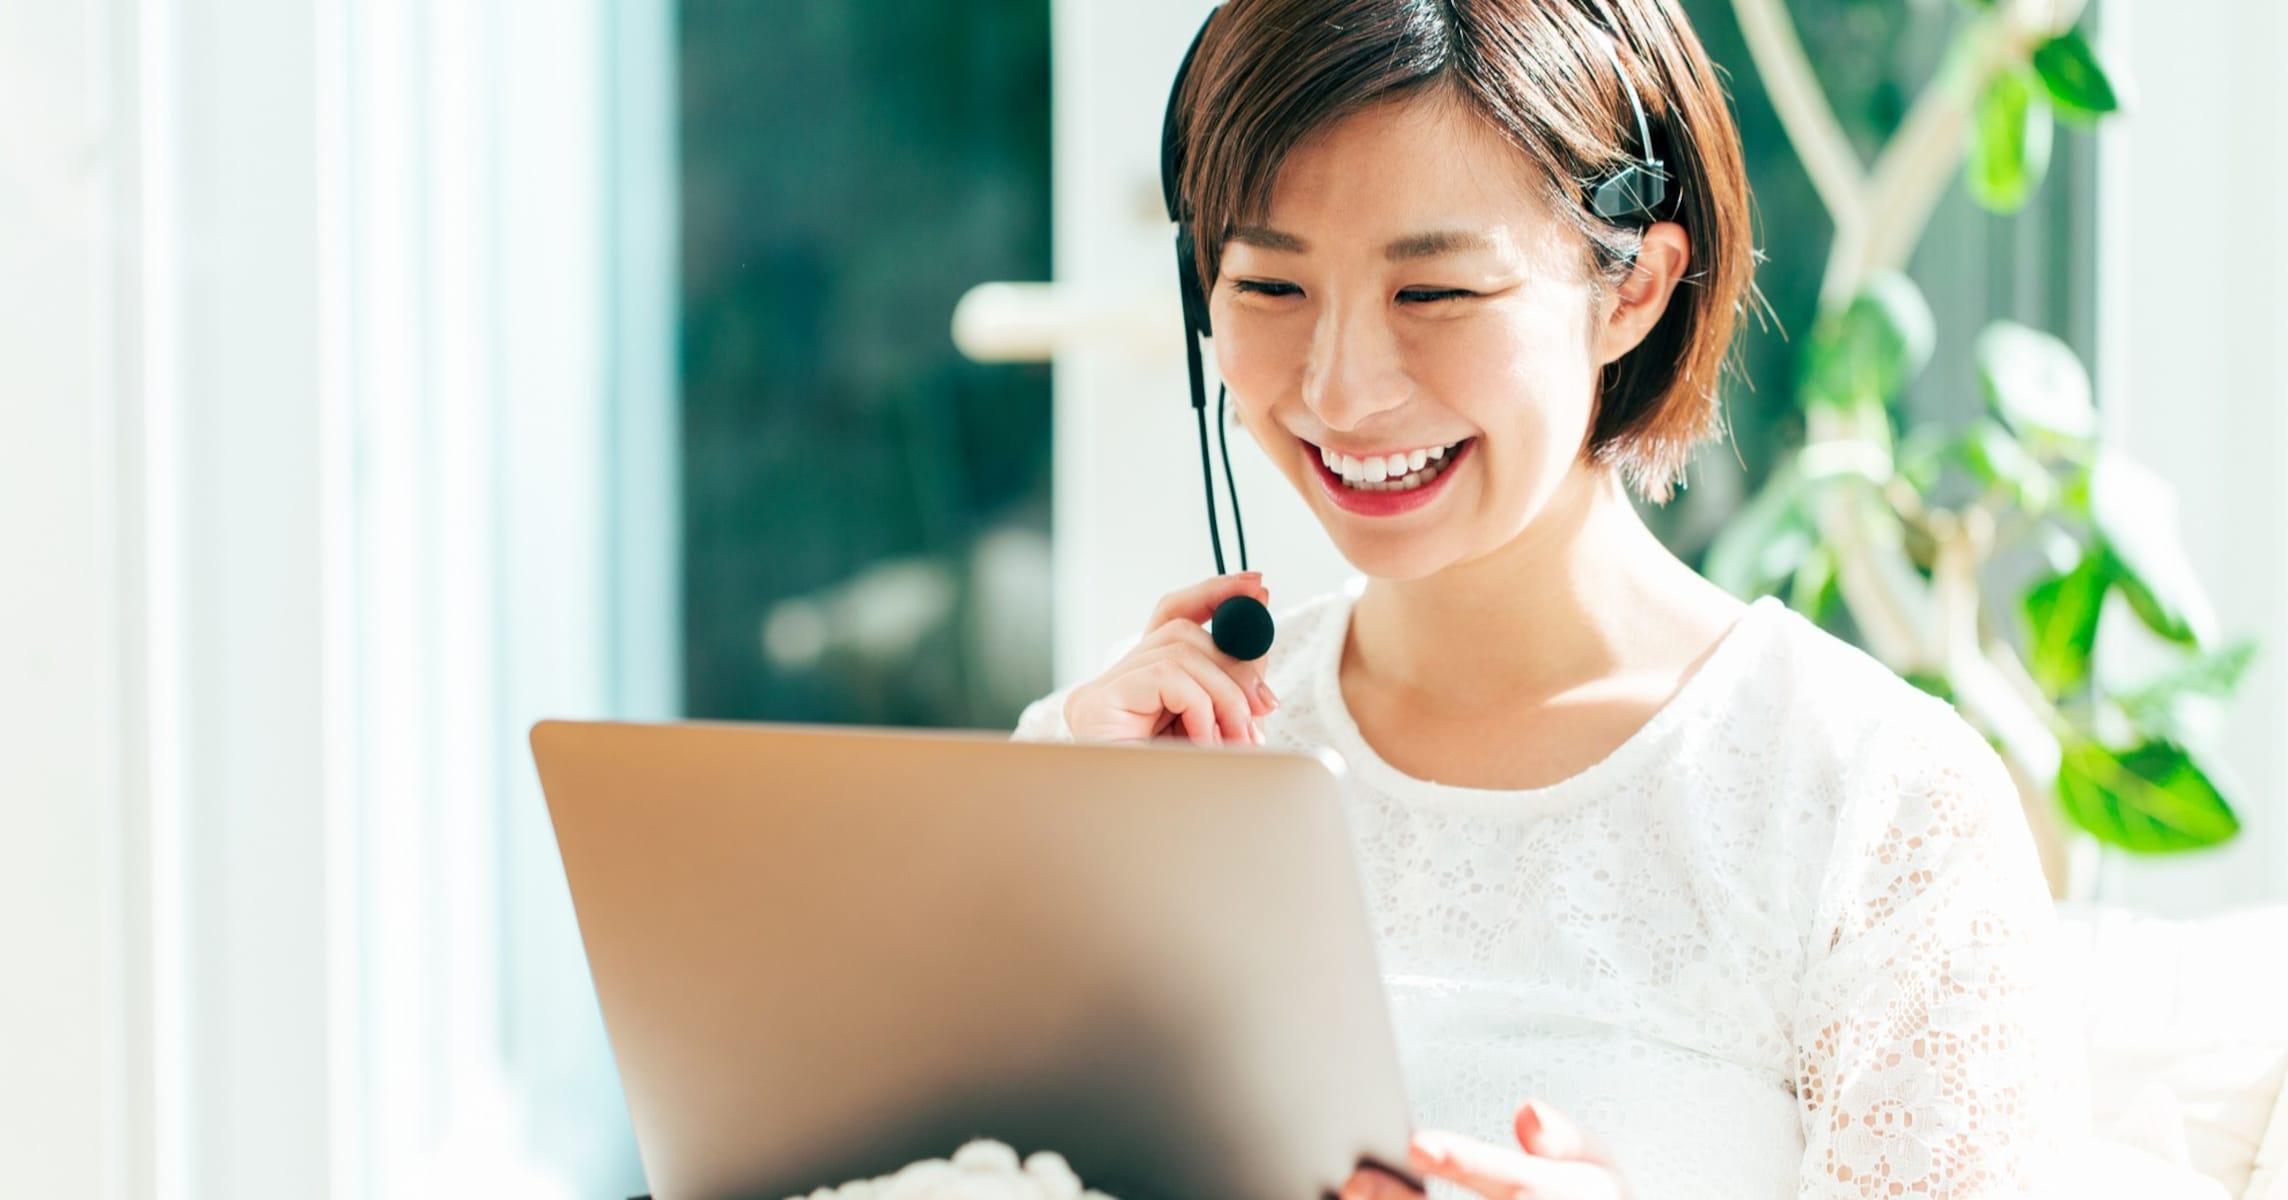 【便利】在宅勤務中、Web会議のためだけにメイクするのが面倒くさい人へ…女性エンジニアいちおしのアプリに称賛の声が殺到「女性の味方」「早速導入」